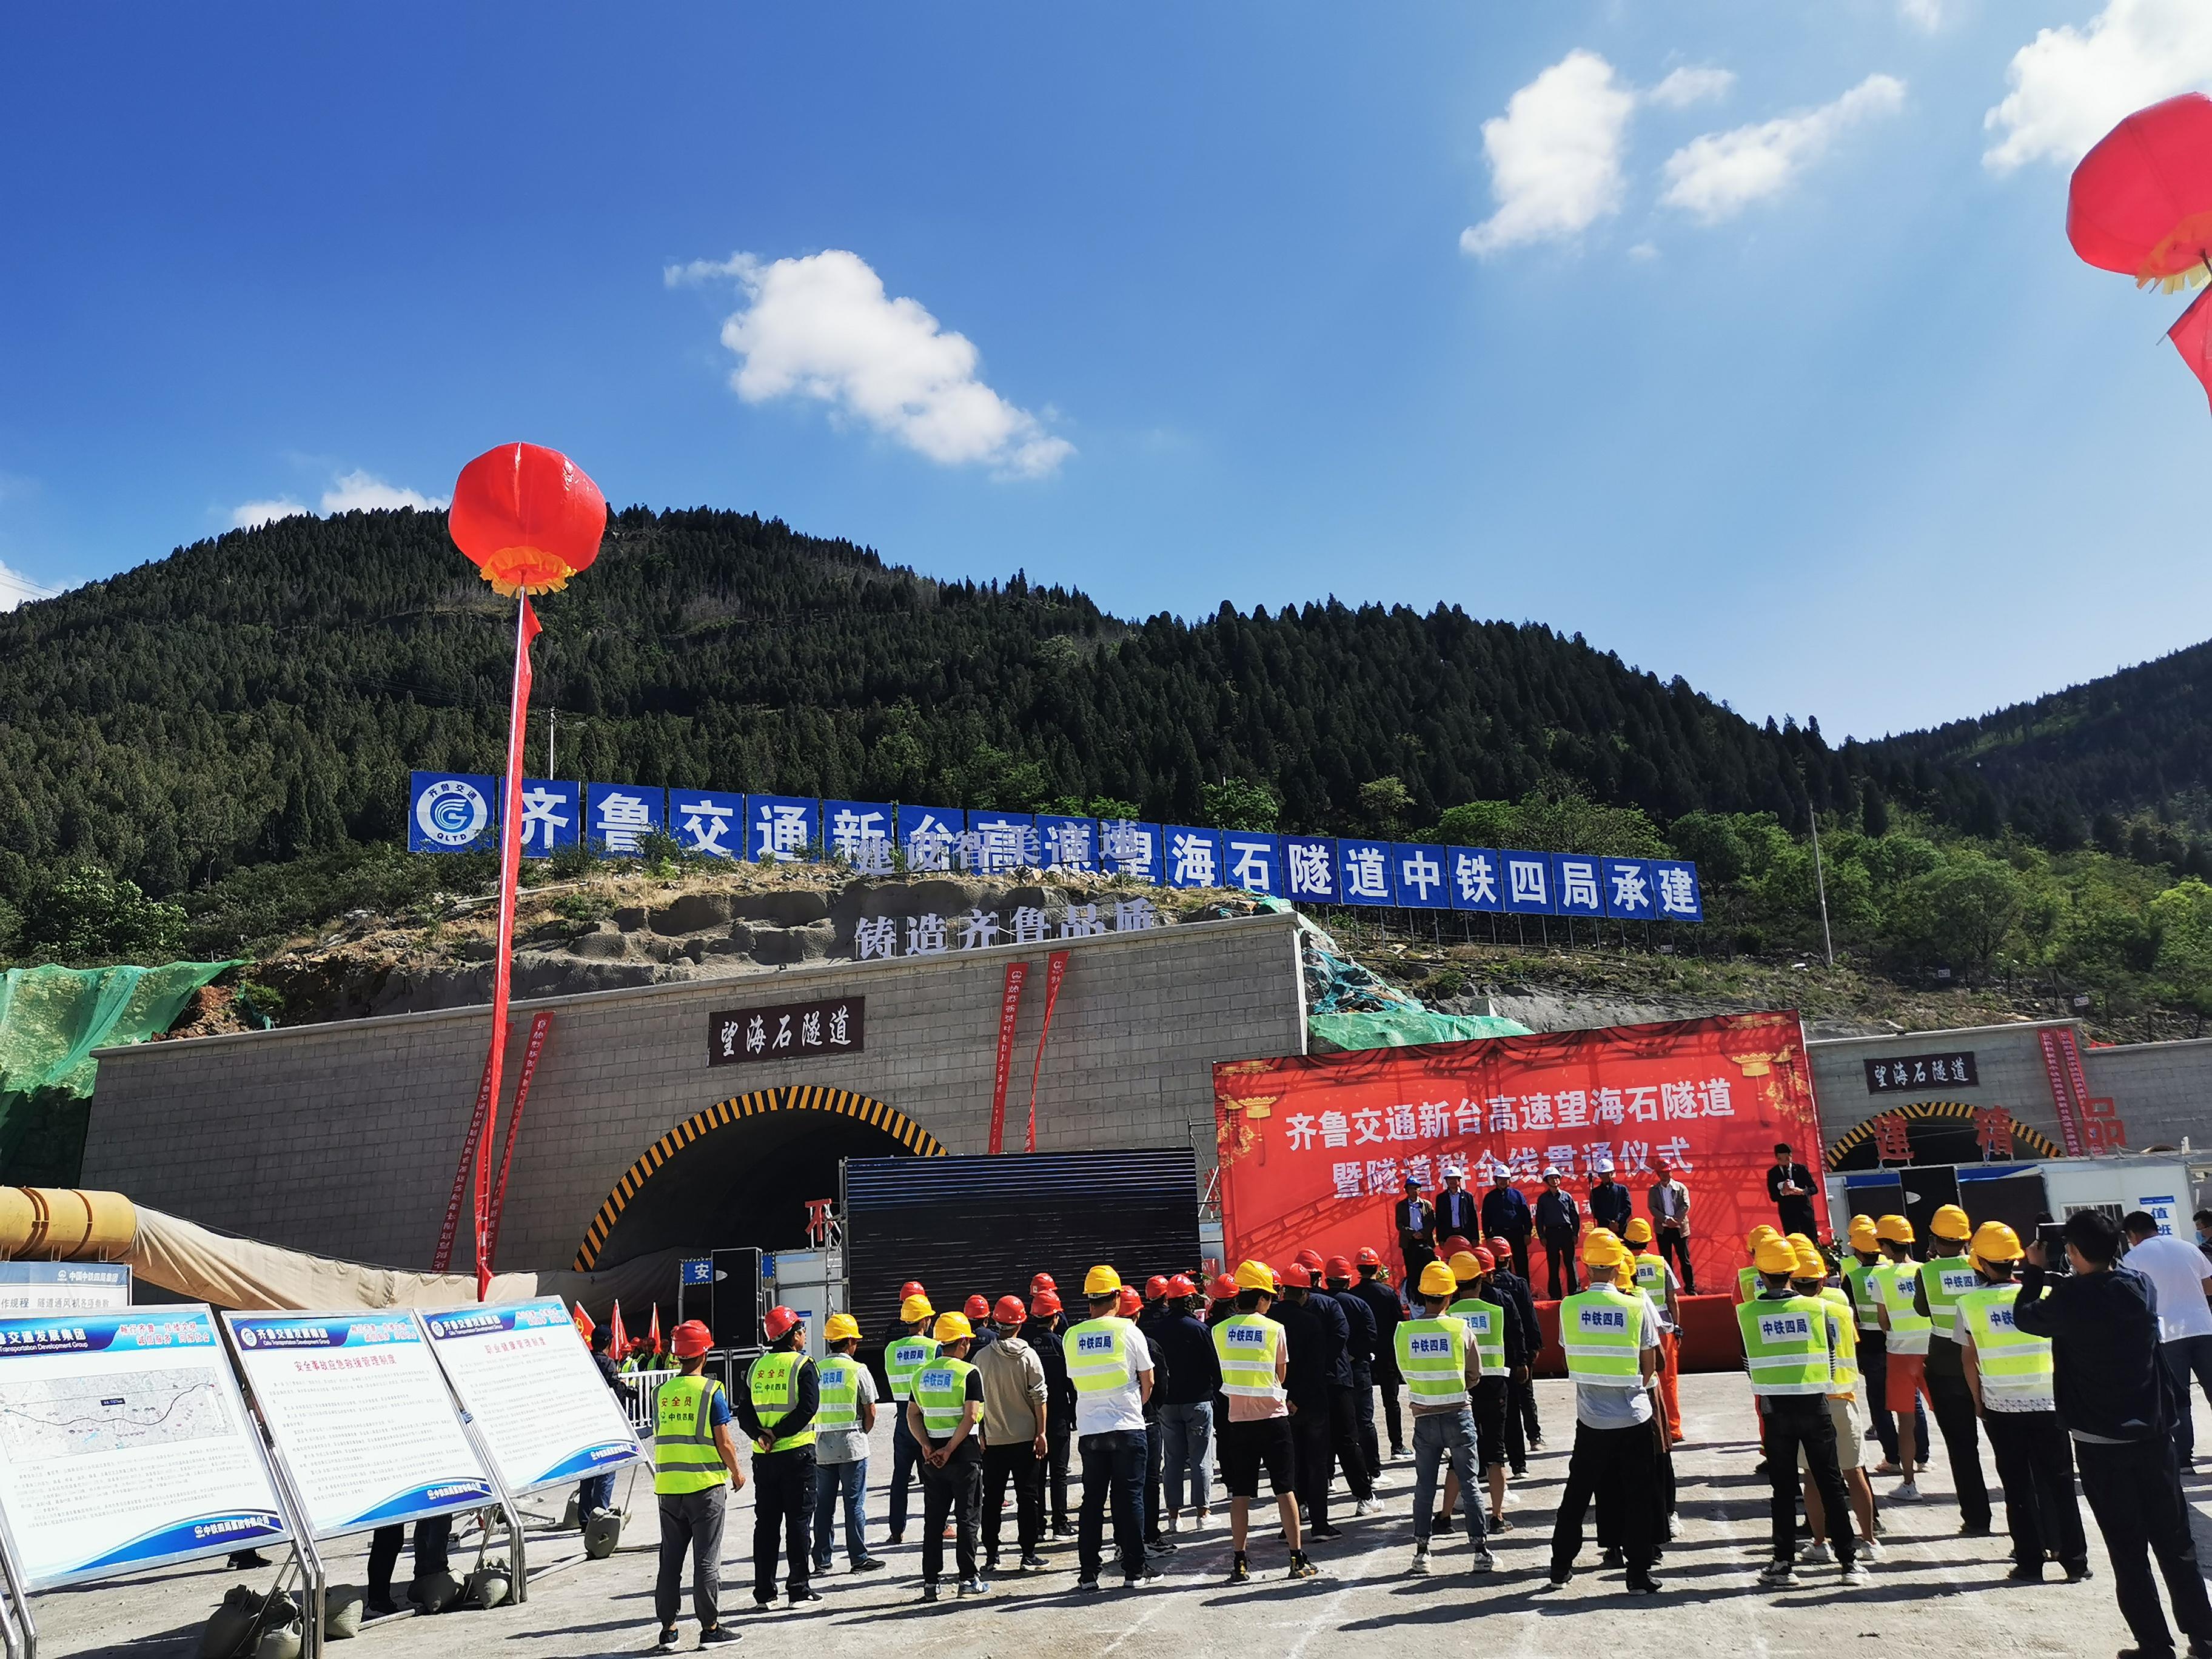 #大众日报客户端·海报新闻#齐鲁交通新台高速8座隧道全部贯通,年内通车后济南至枣庄2个半小时到达